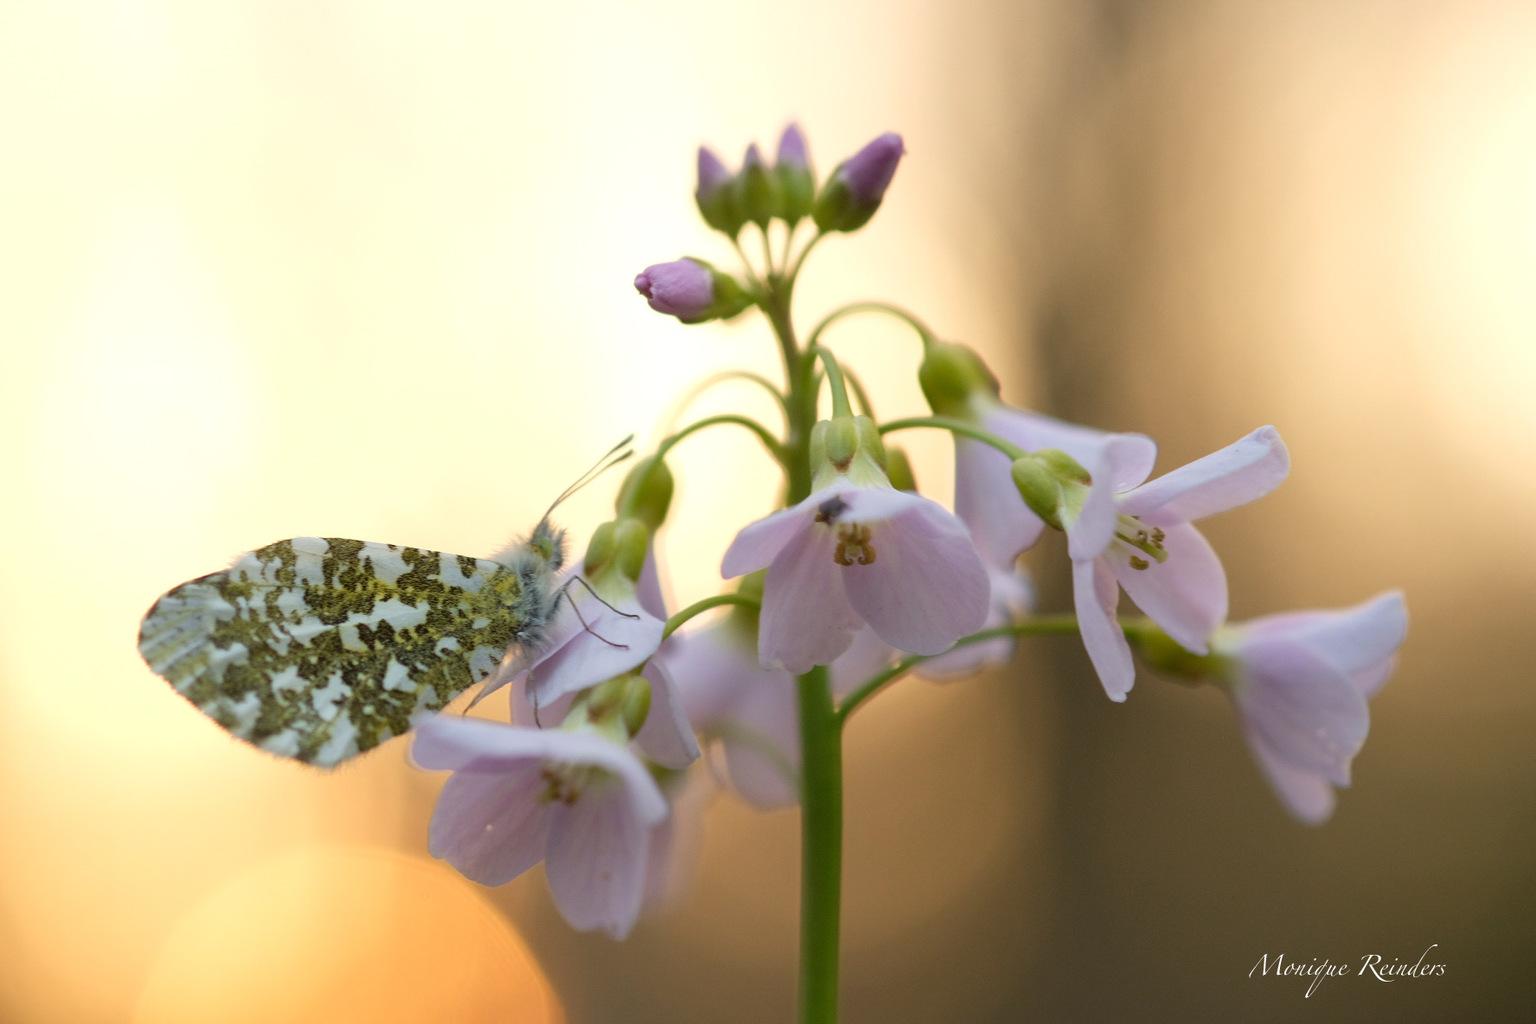 Oranjetipje - Gisteravond nog dit oranjetipje kunnen fotograferen.  - foto door MoReCremers op 16-04-2021 - locatie: 6114 KW Echt, Nederland - deze foto bevat: vlinder, natuur, macro, zonsondergang, pinksterbloem, nederland, limburg, oranjetip, bloem, fabriek, bestuiver, bloemblaadje, purper, terrestrische plant, paars, pedicel, vlinder, bloeiende plant